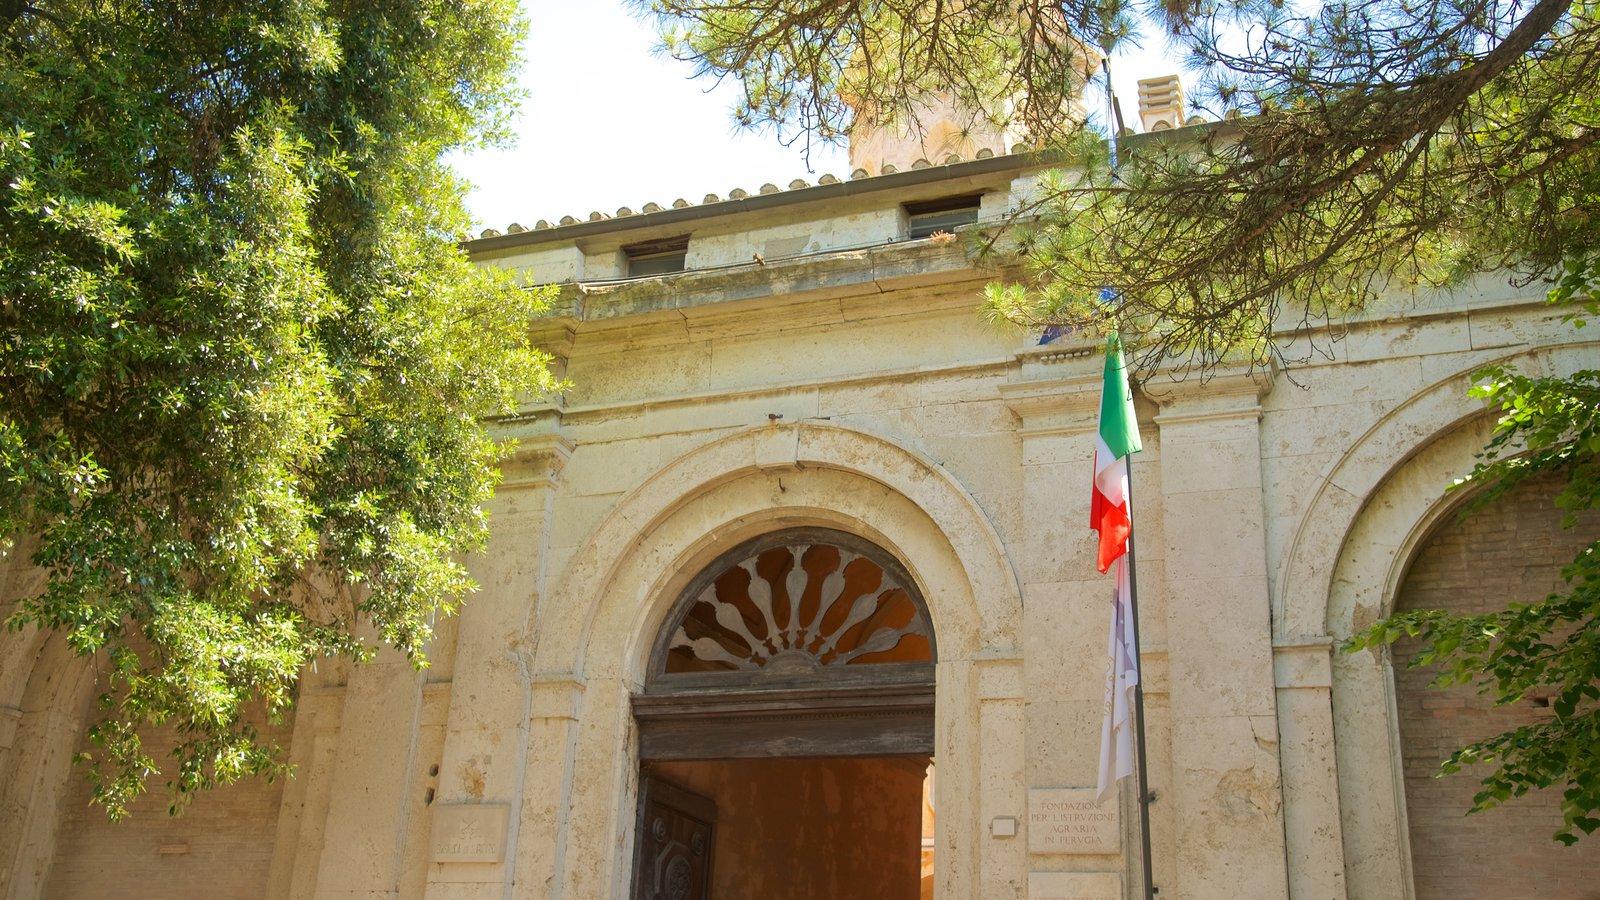 Basilica San Pietro which includes heritage architecture